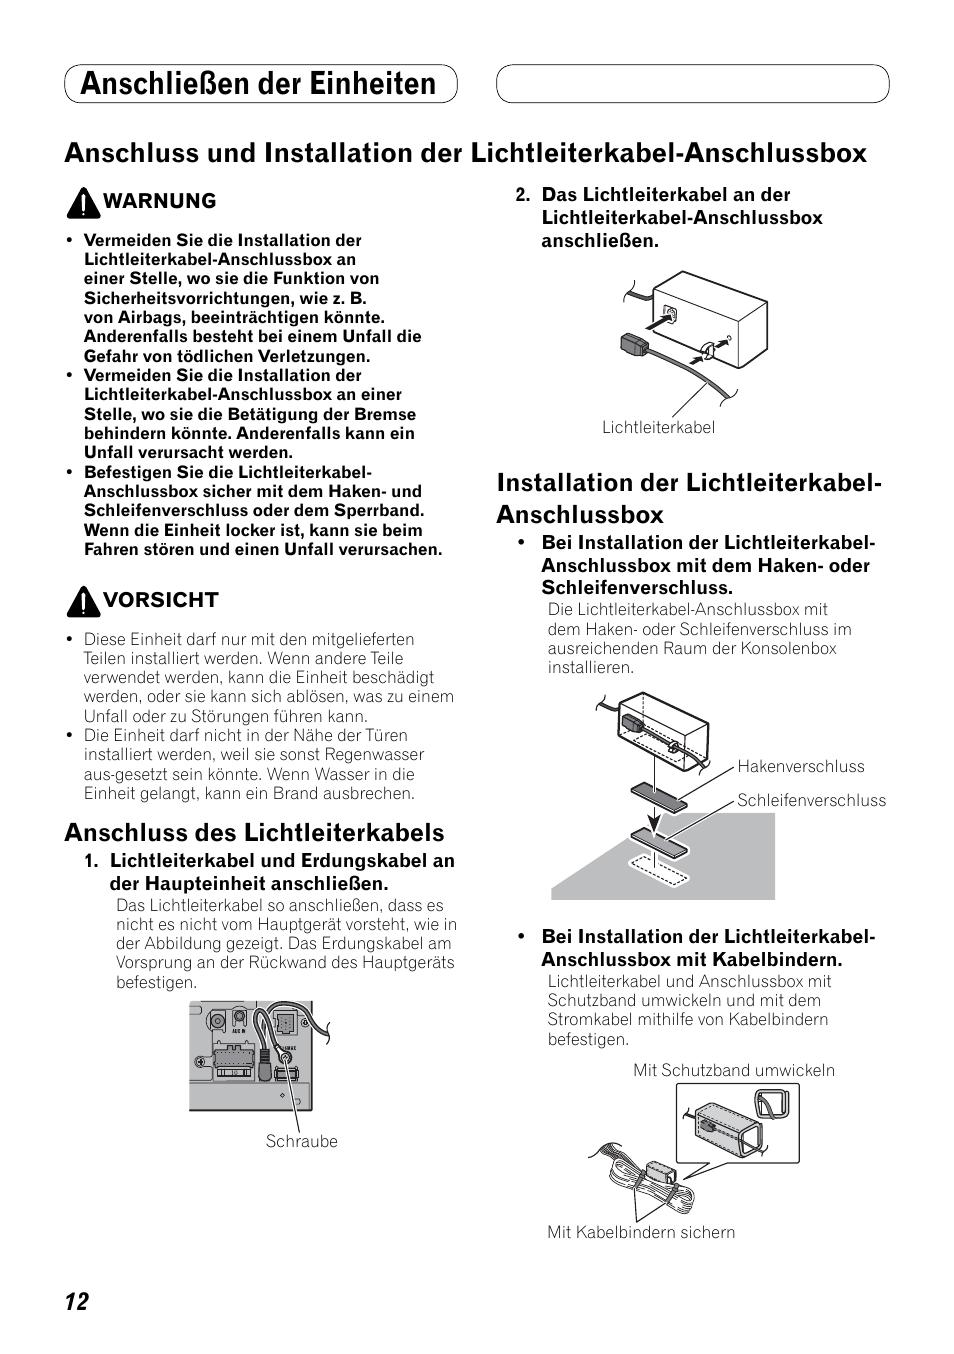 Anschluss und installation der, Lichtleiterkabel-anschlussbox ...